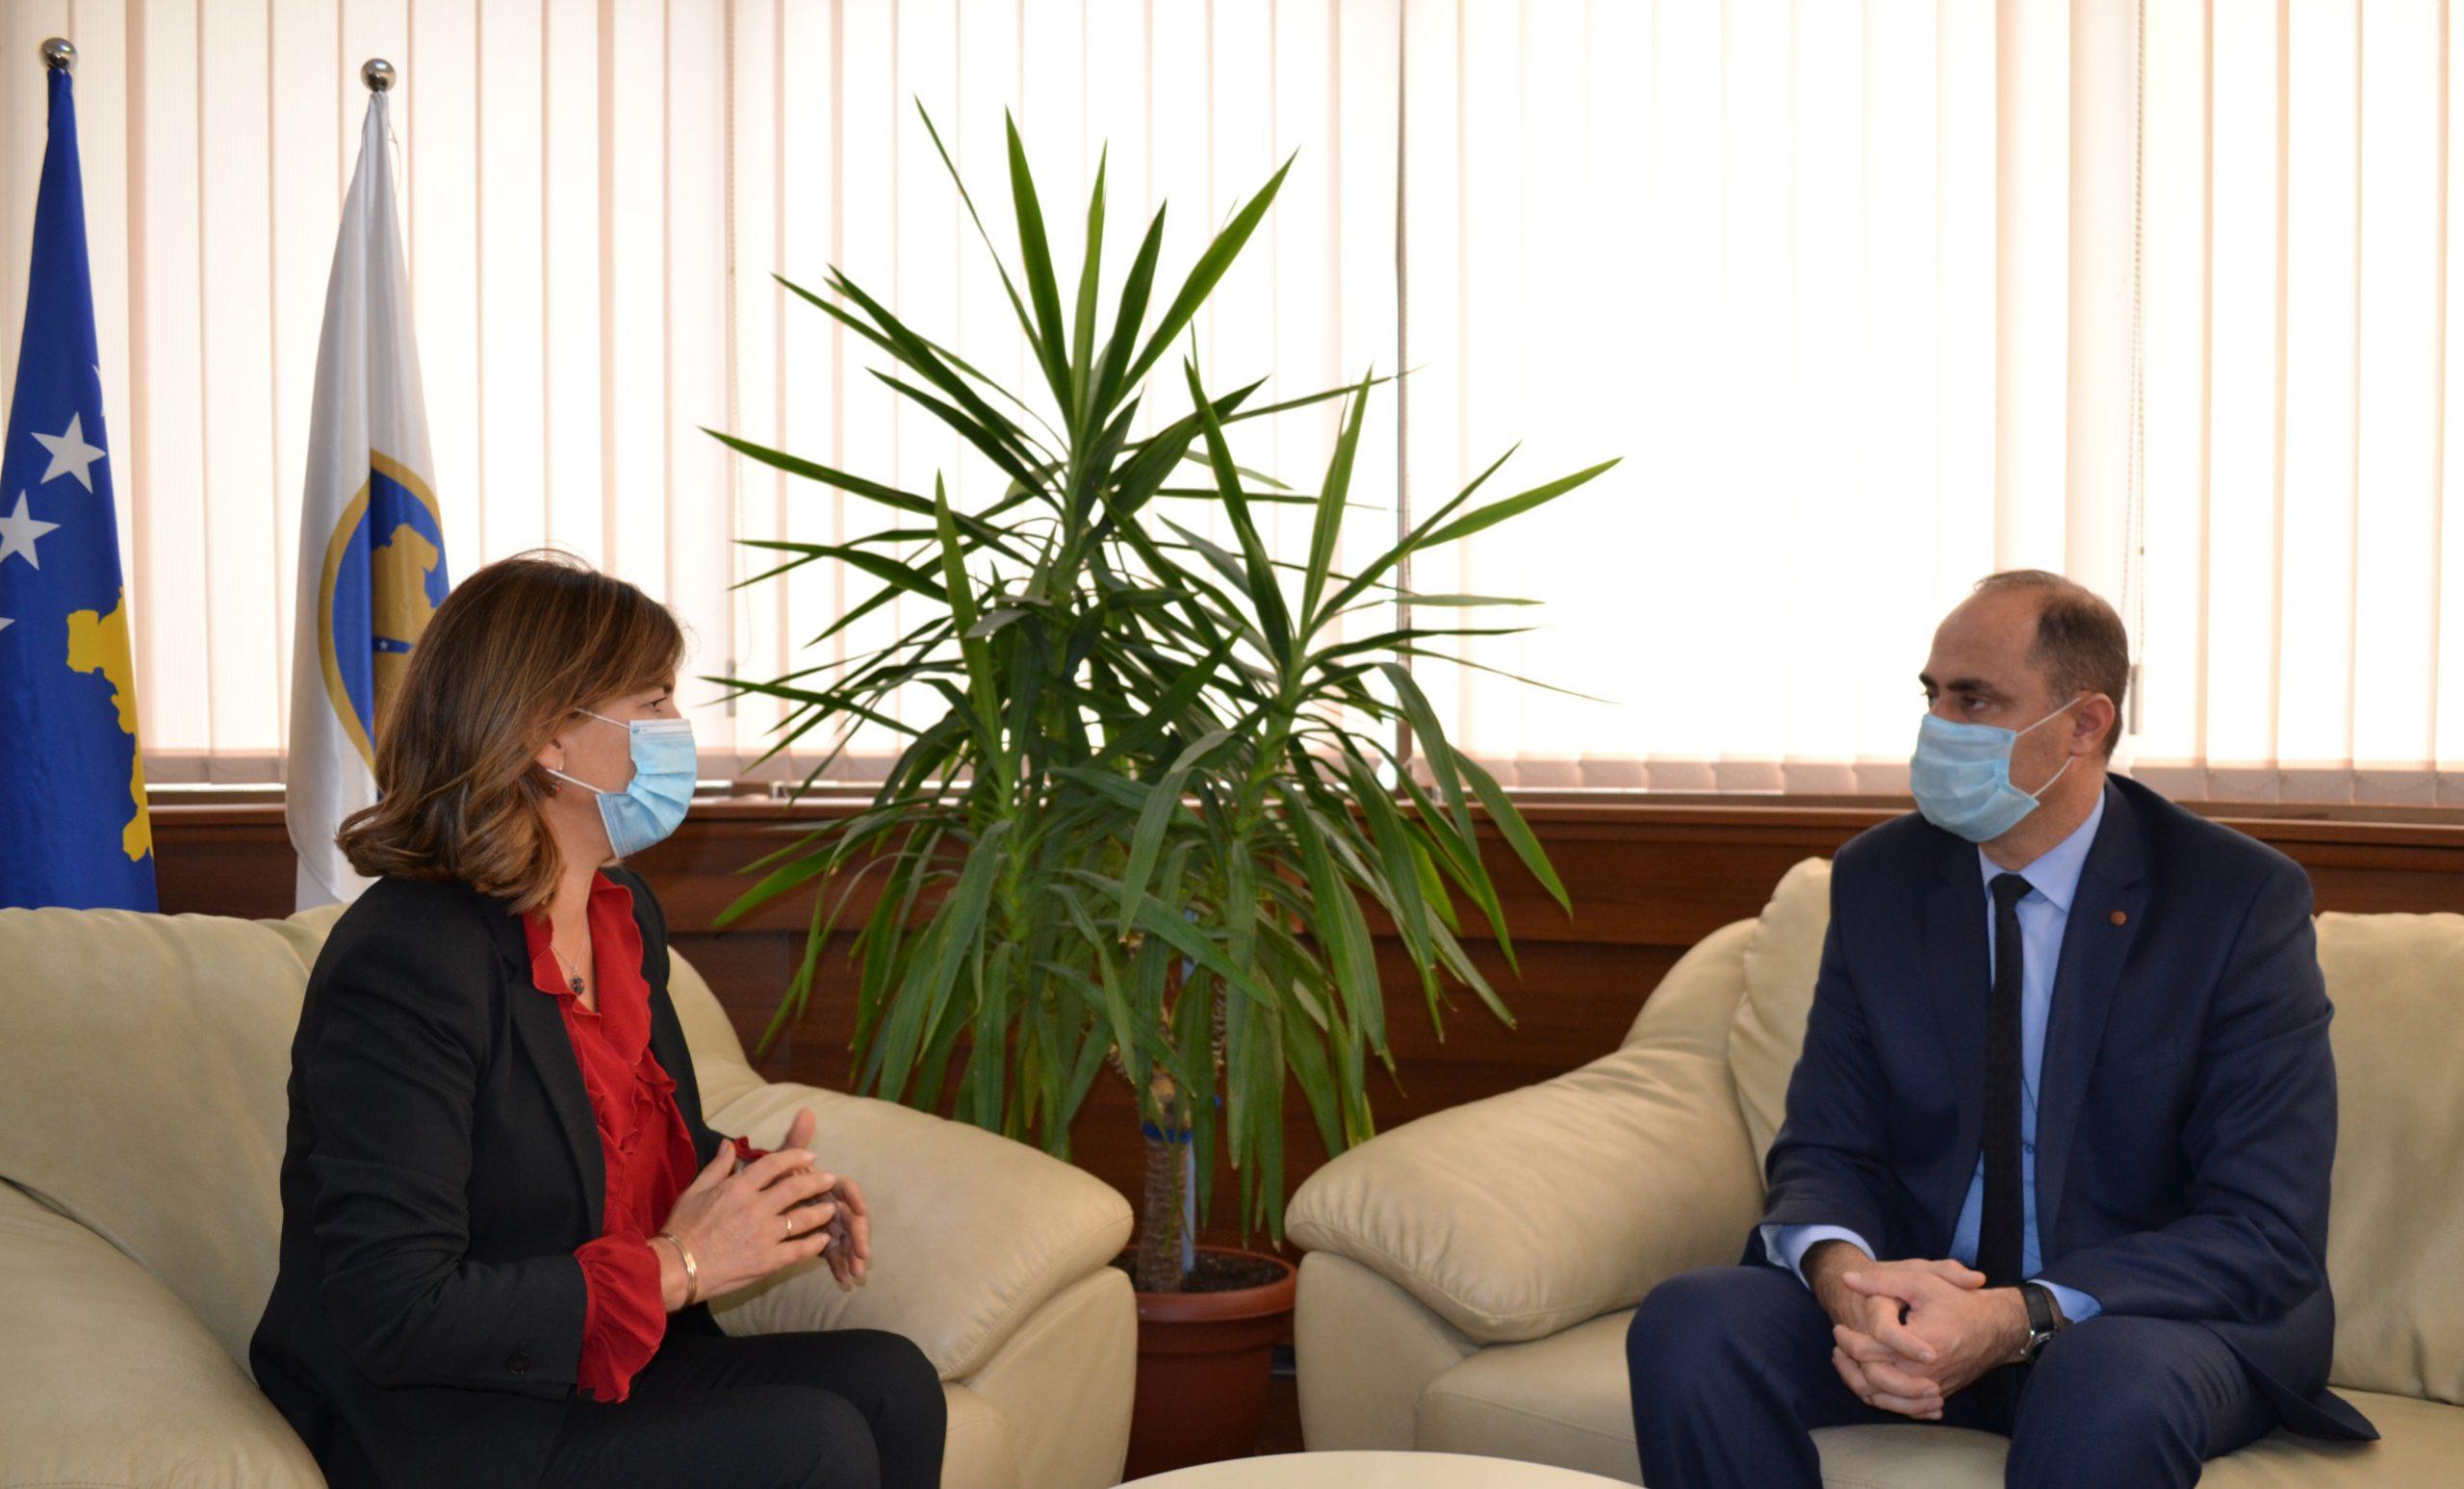 Kryetarja e KQZ-së priti në takim u. d. drejtorin e Përgjithshëm të Policisë së Kosovës